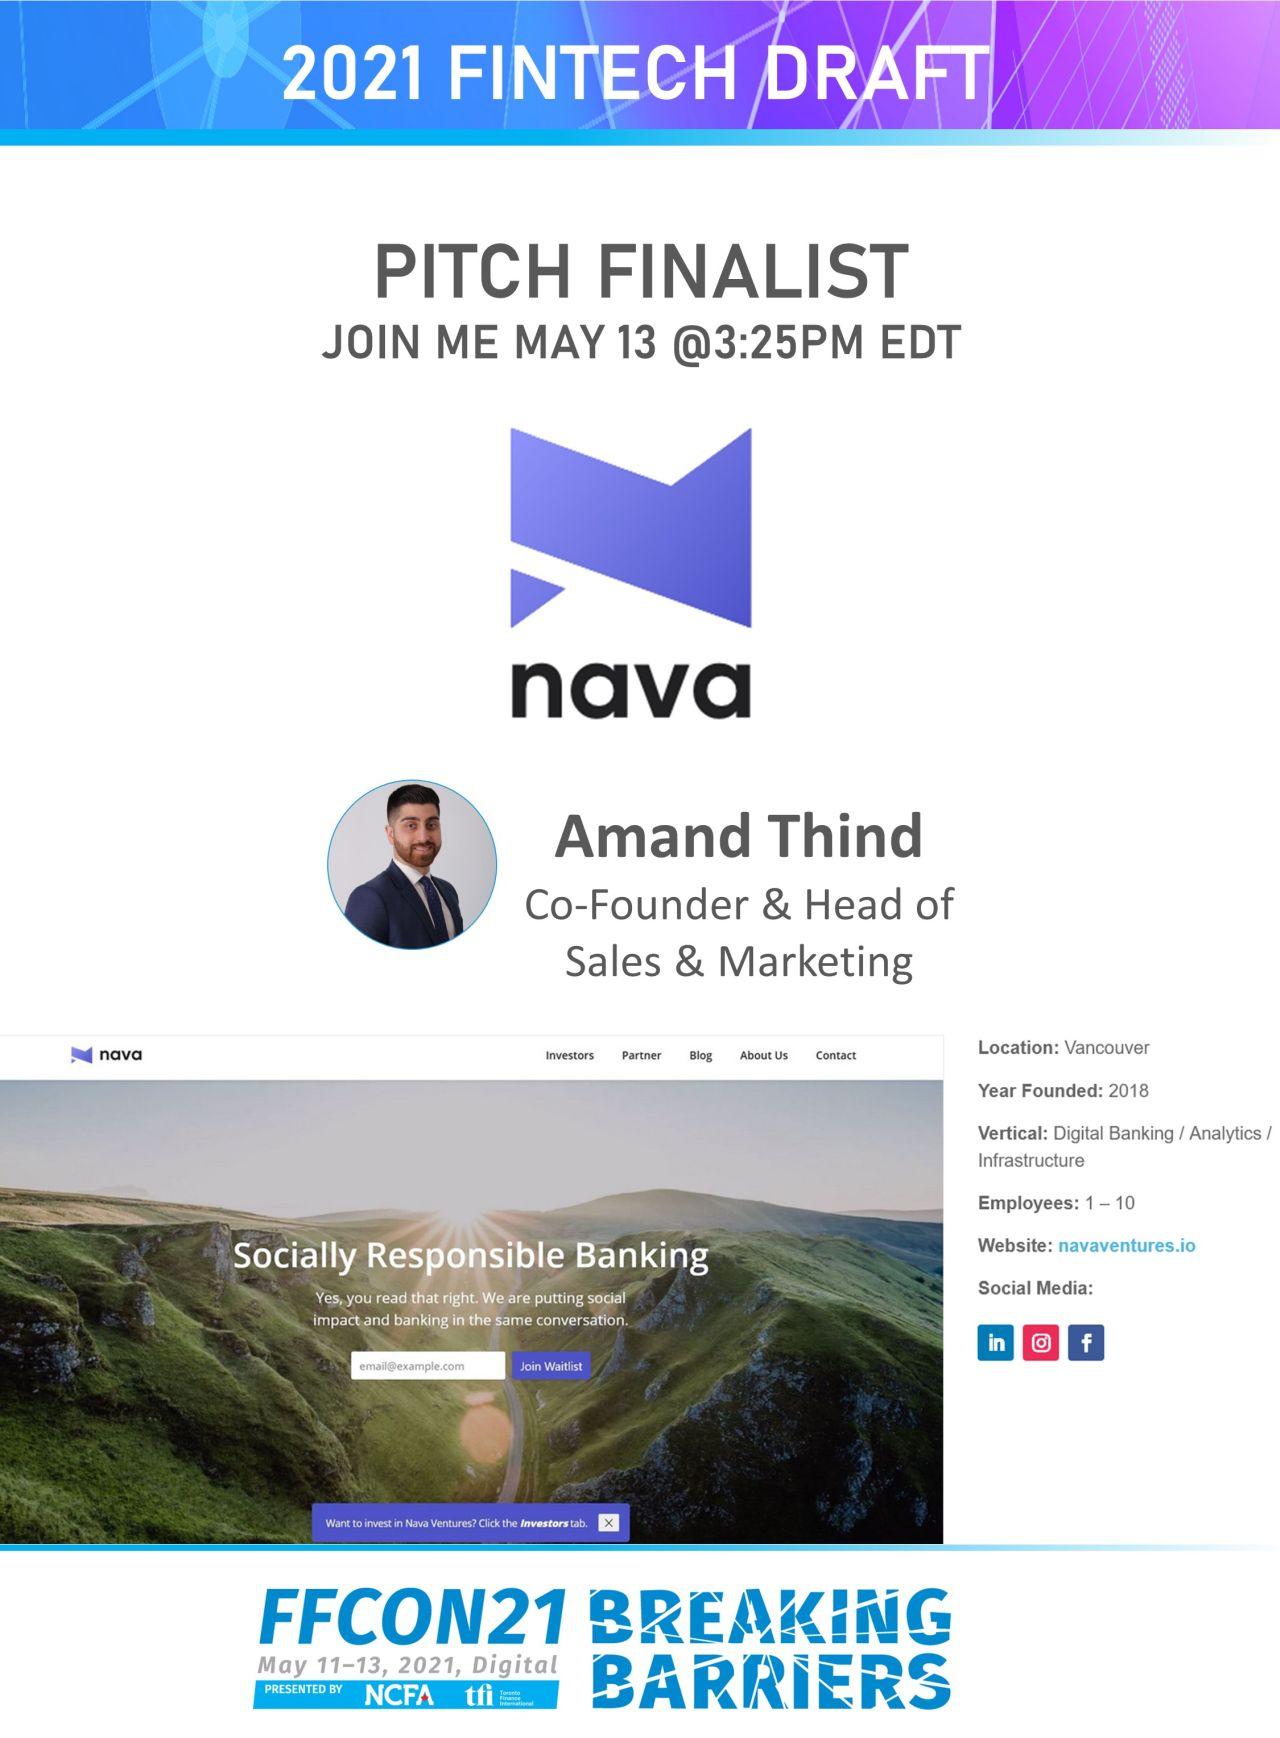 FFCON21 Pitch Finalist Nava